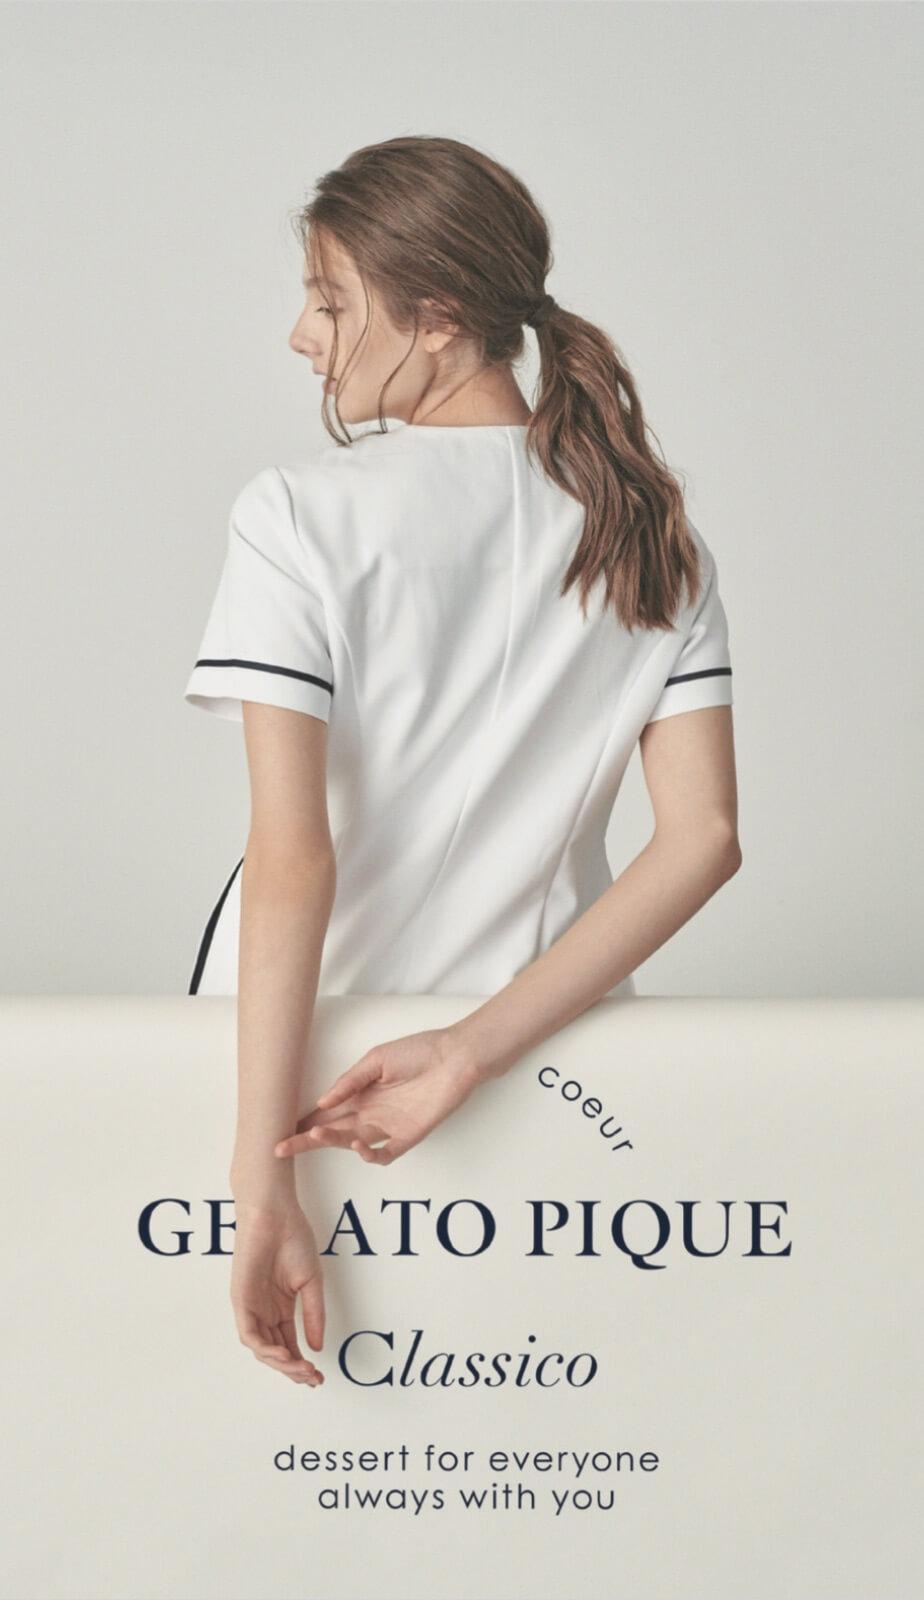 gelatopique&classico